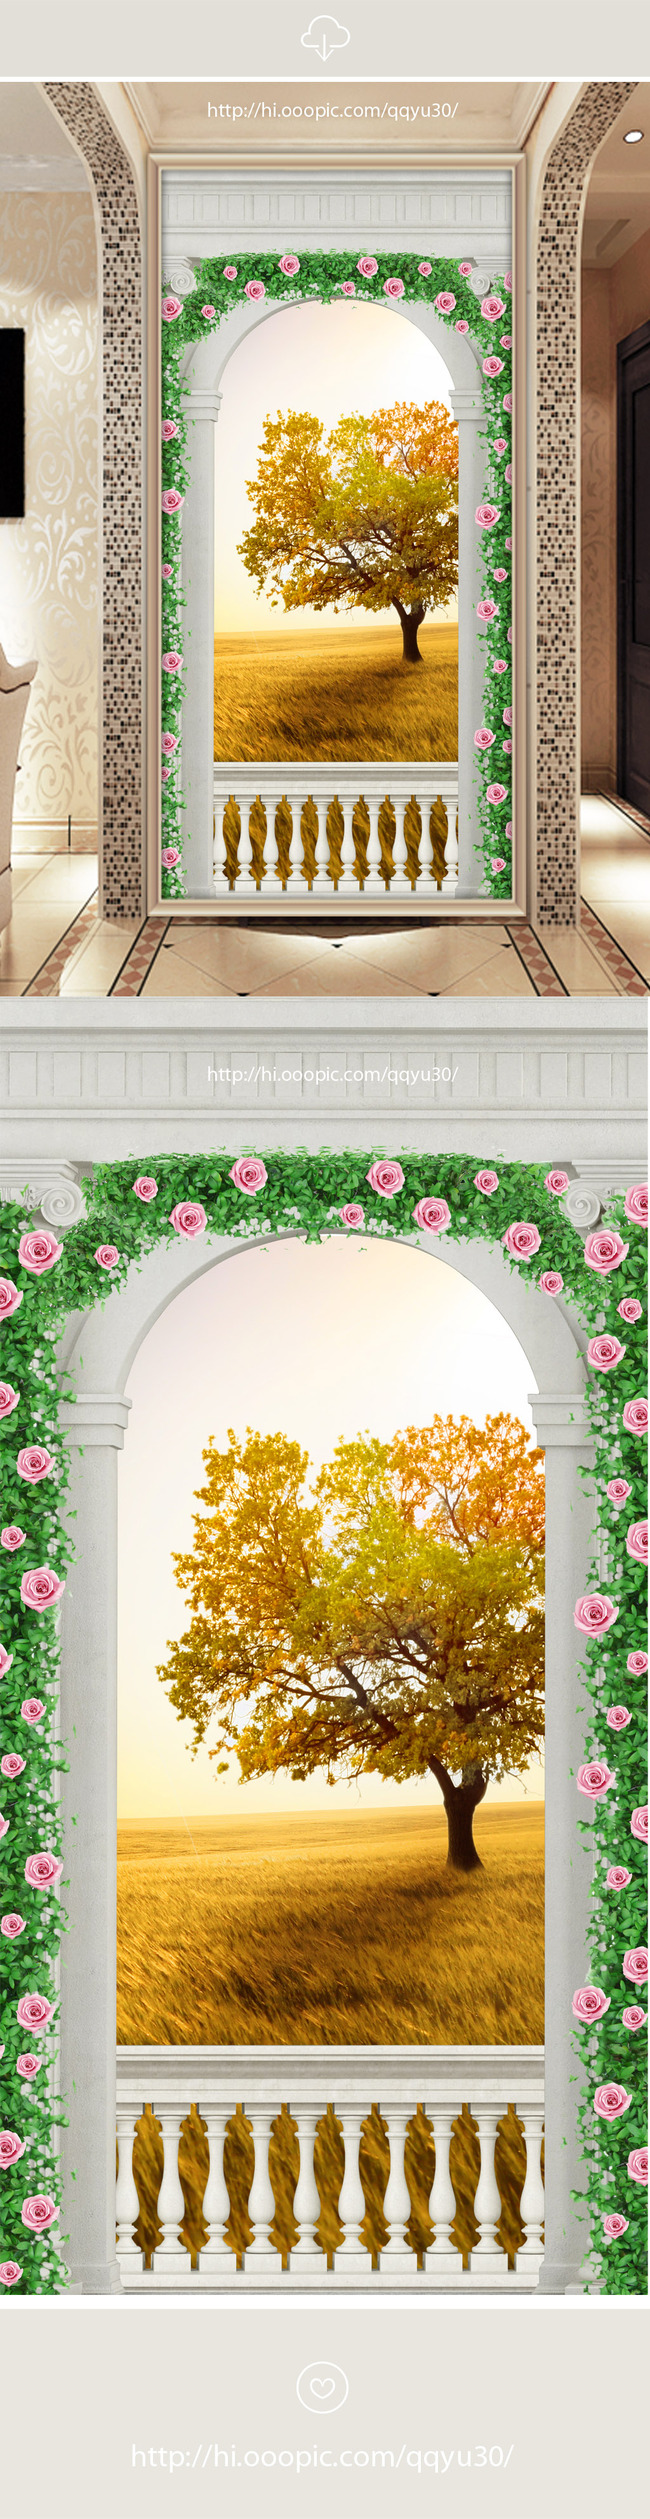 罗马柱拱门秋天风景3d玄关